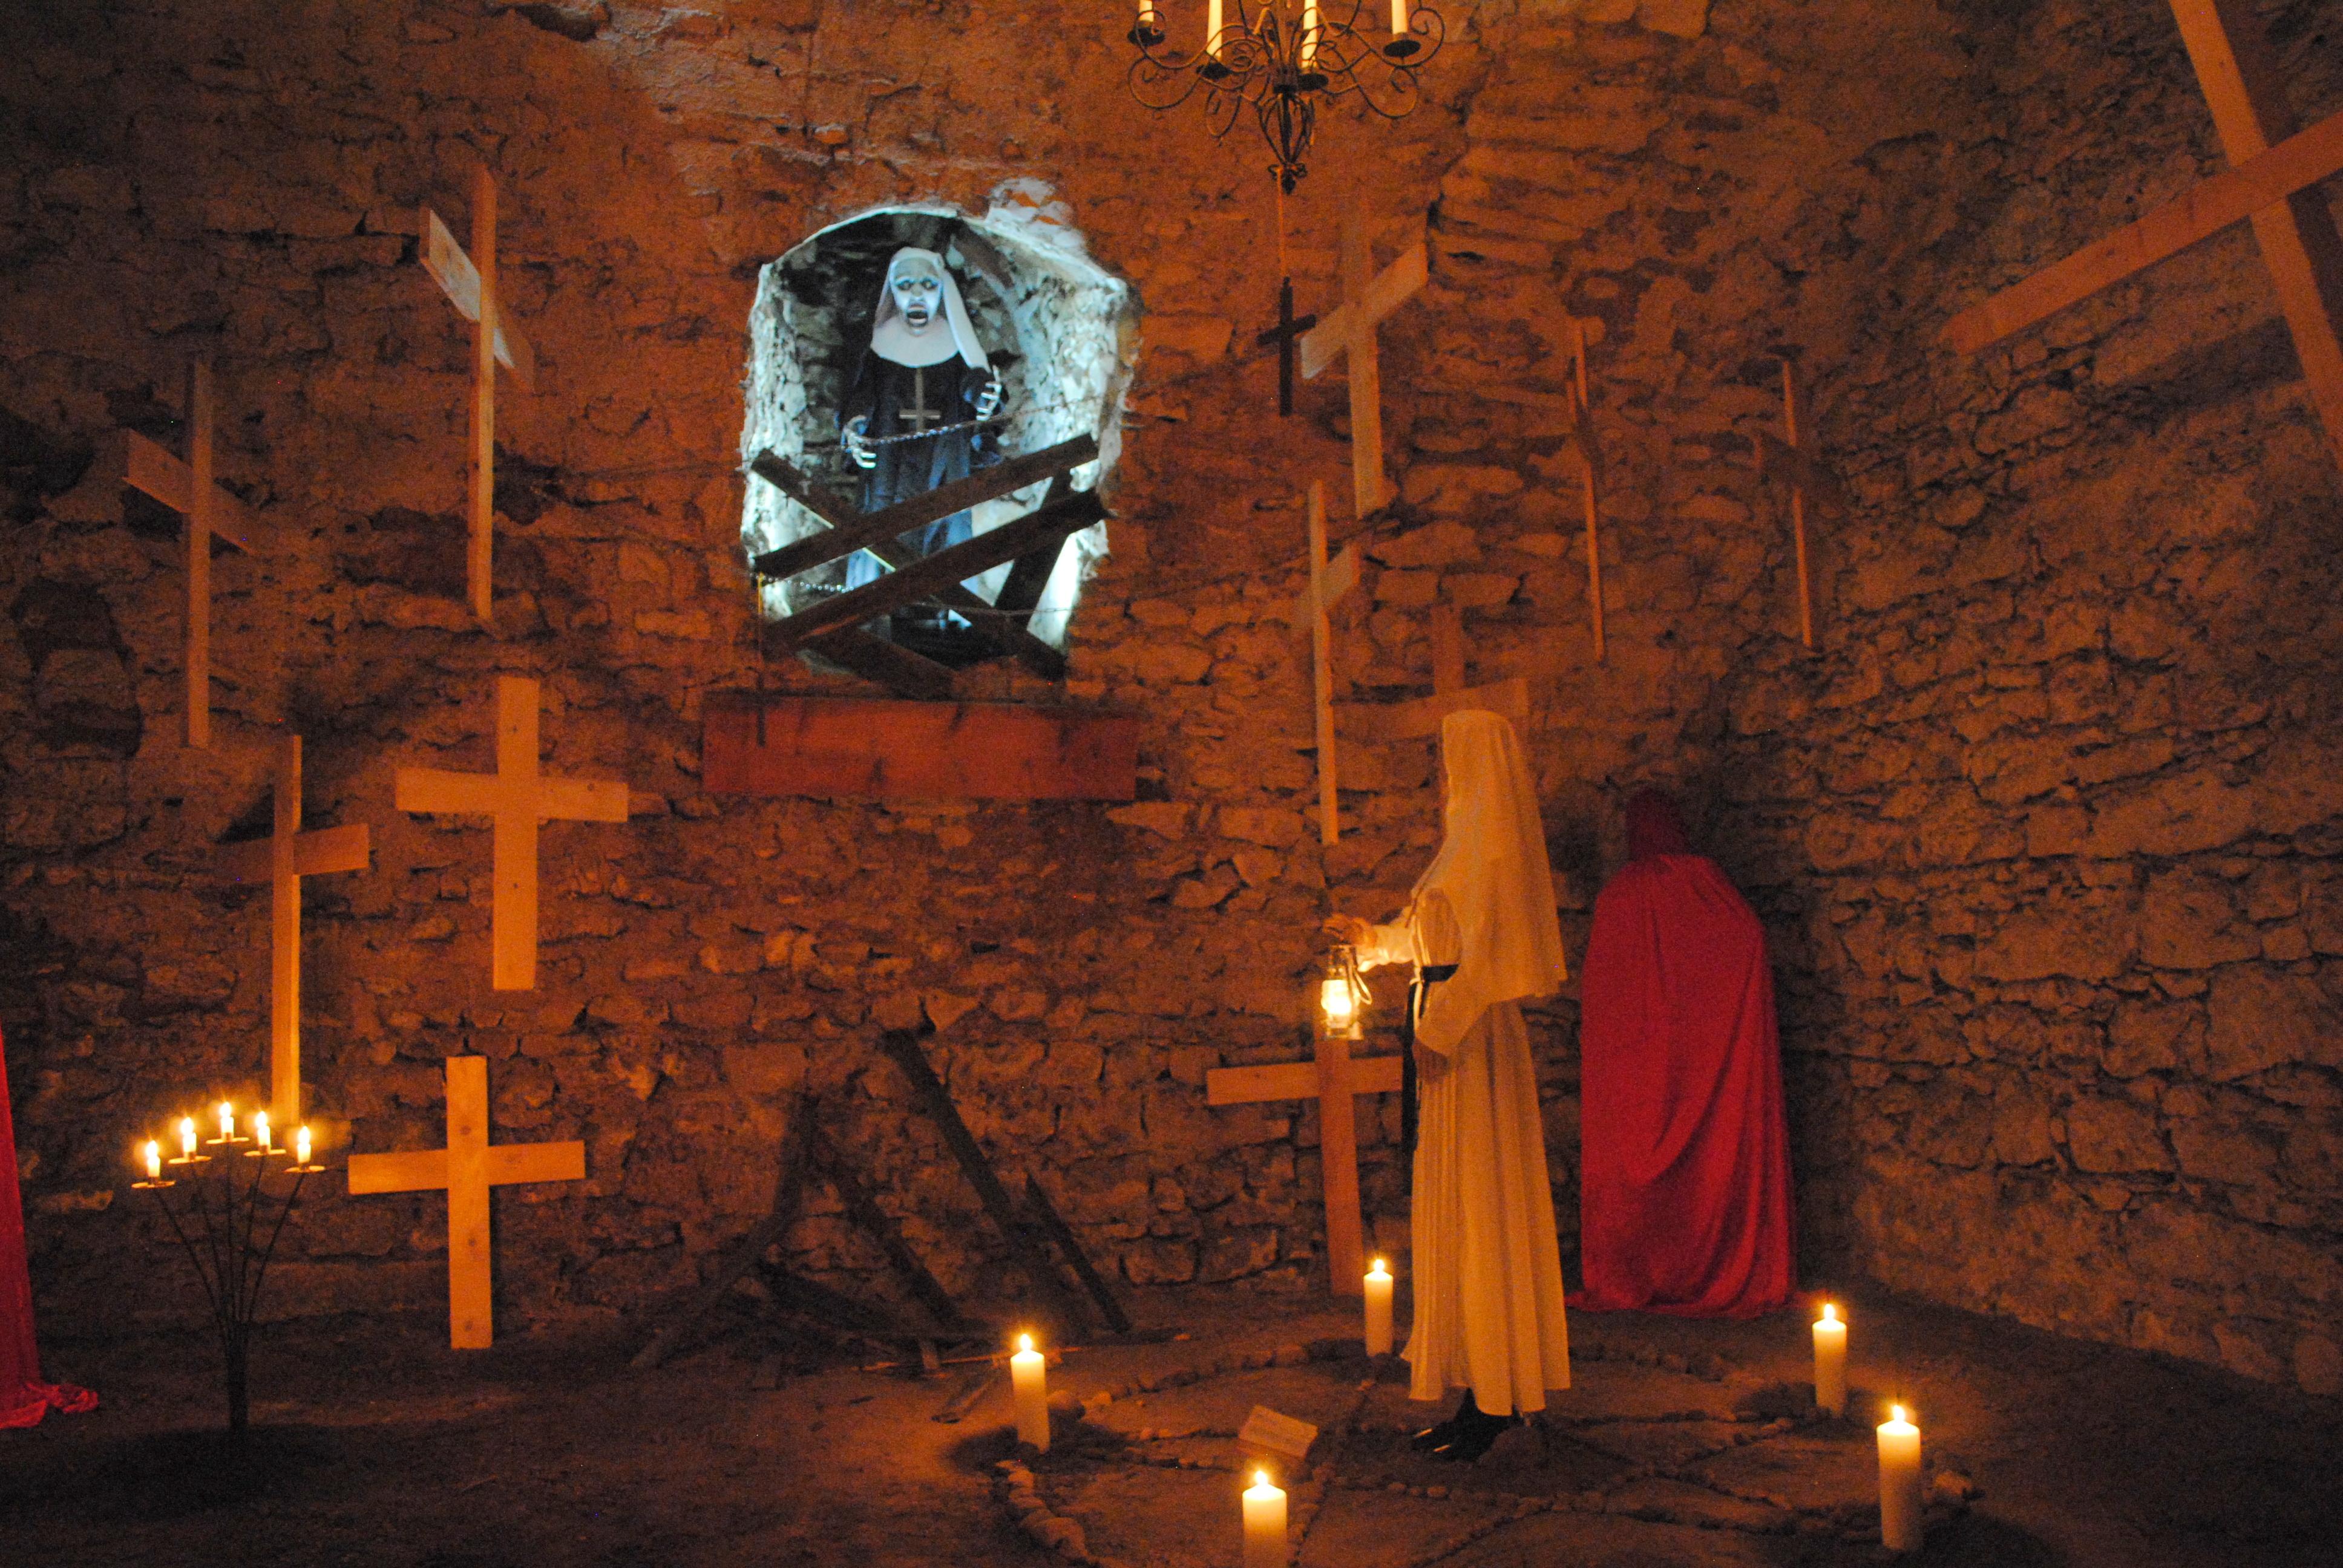 Jedová chýše Žatec - The nun